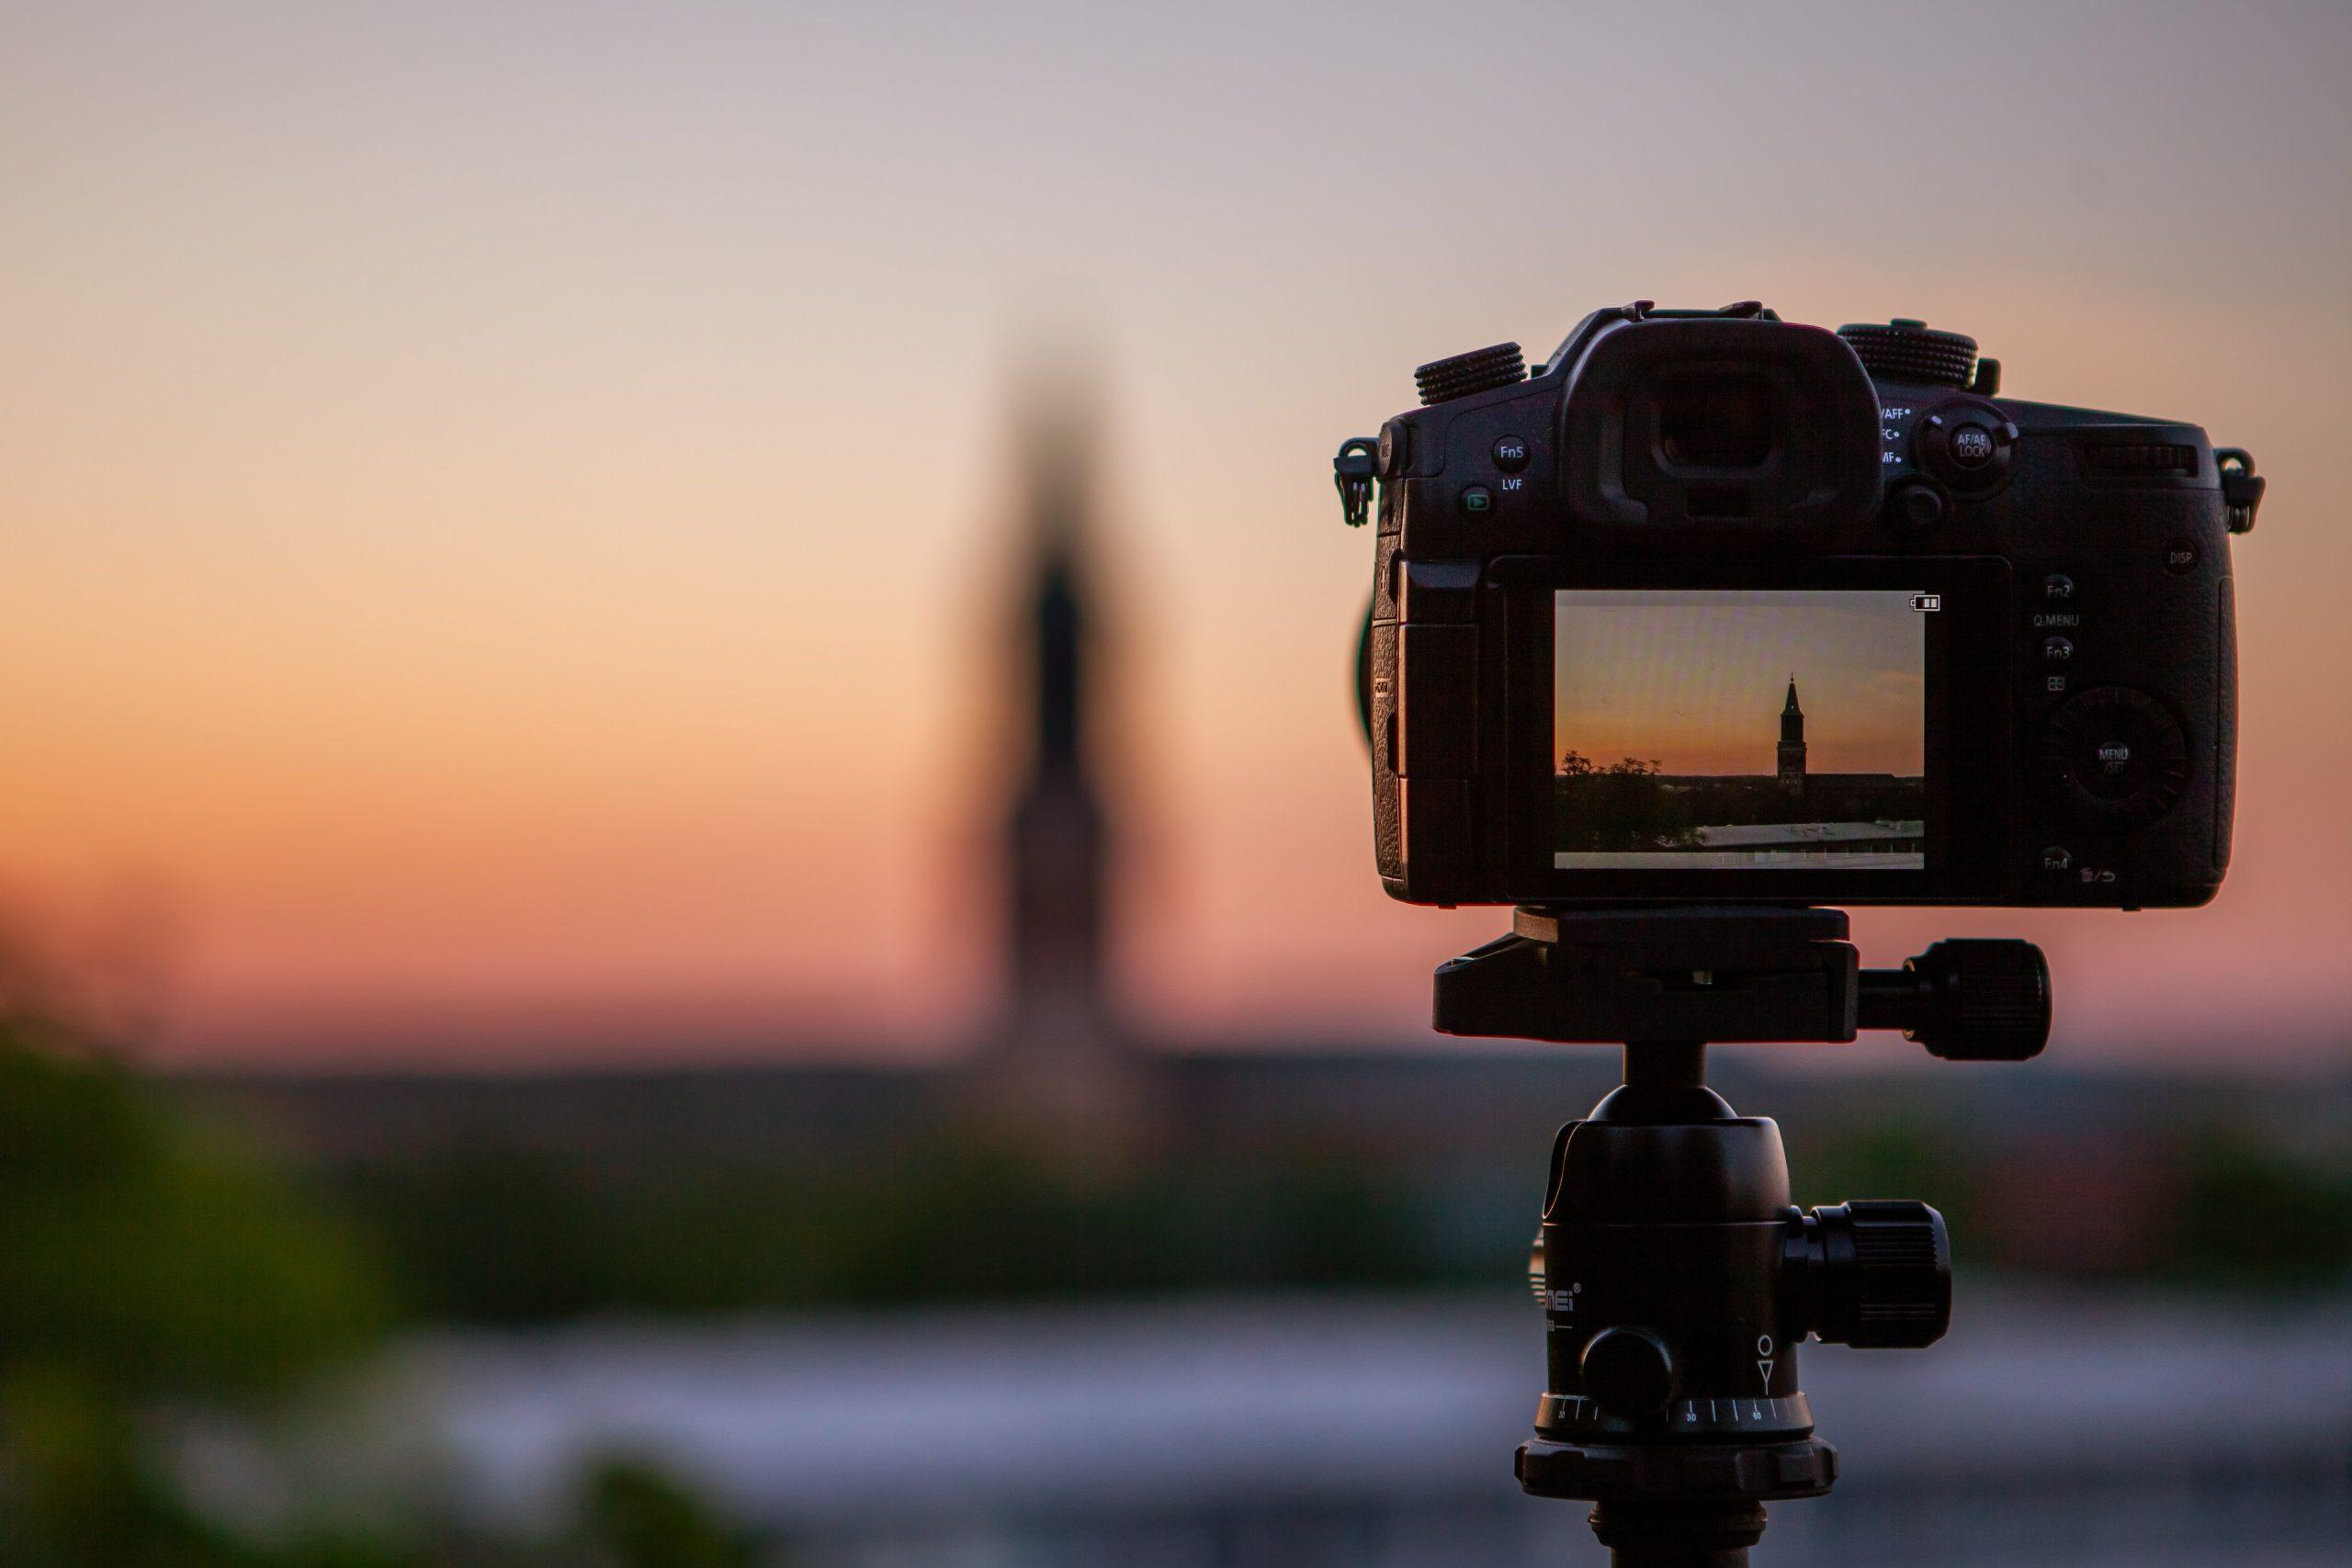 câmera em cima de um tripé capturando o pôr-do-sol